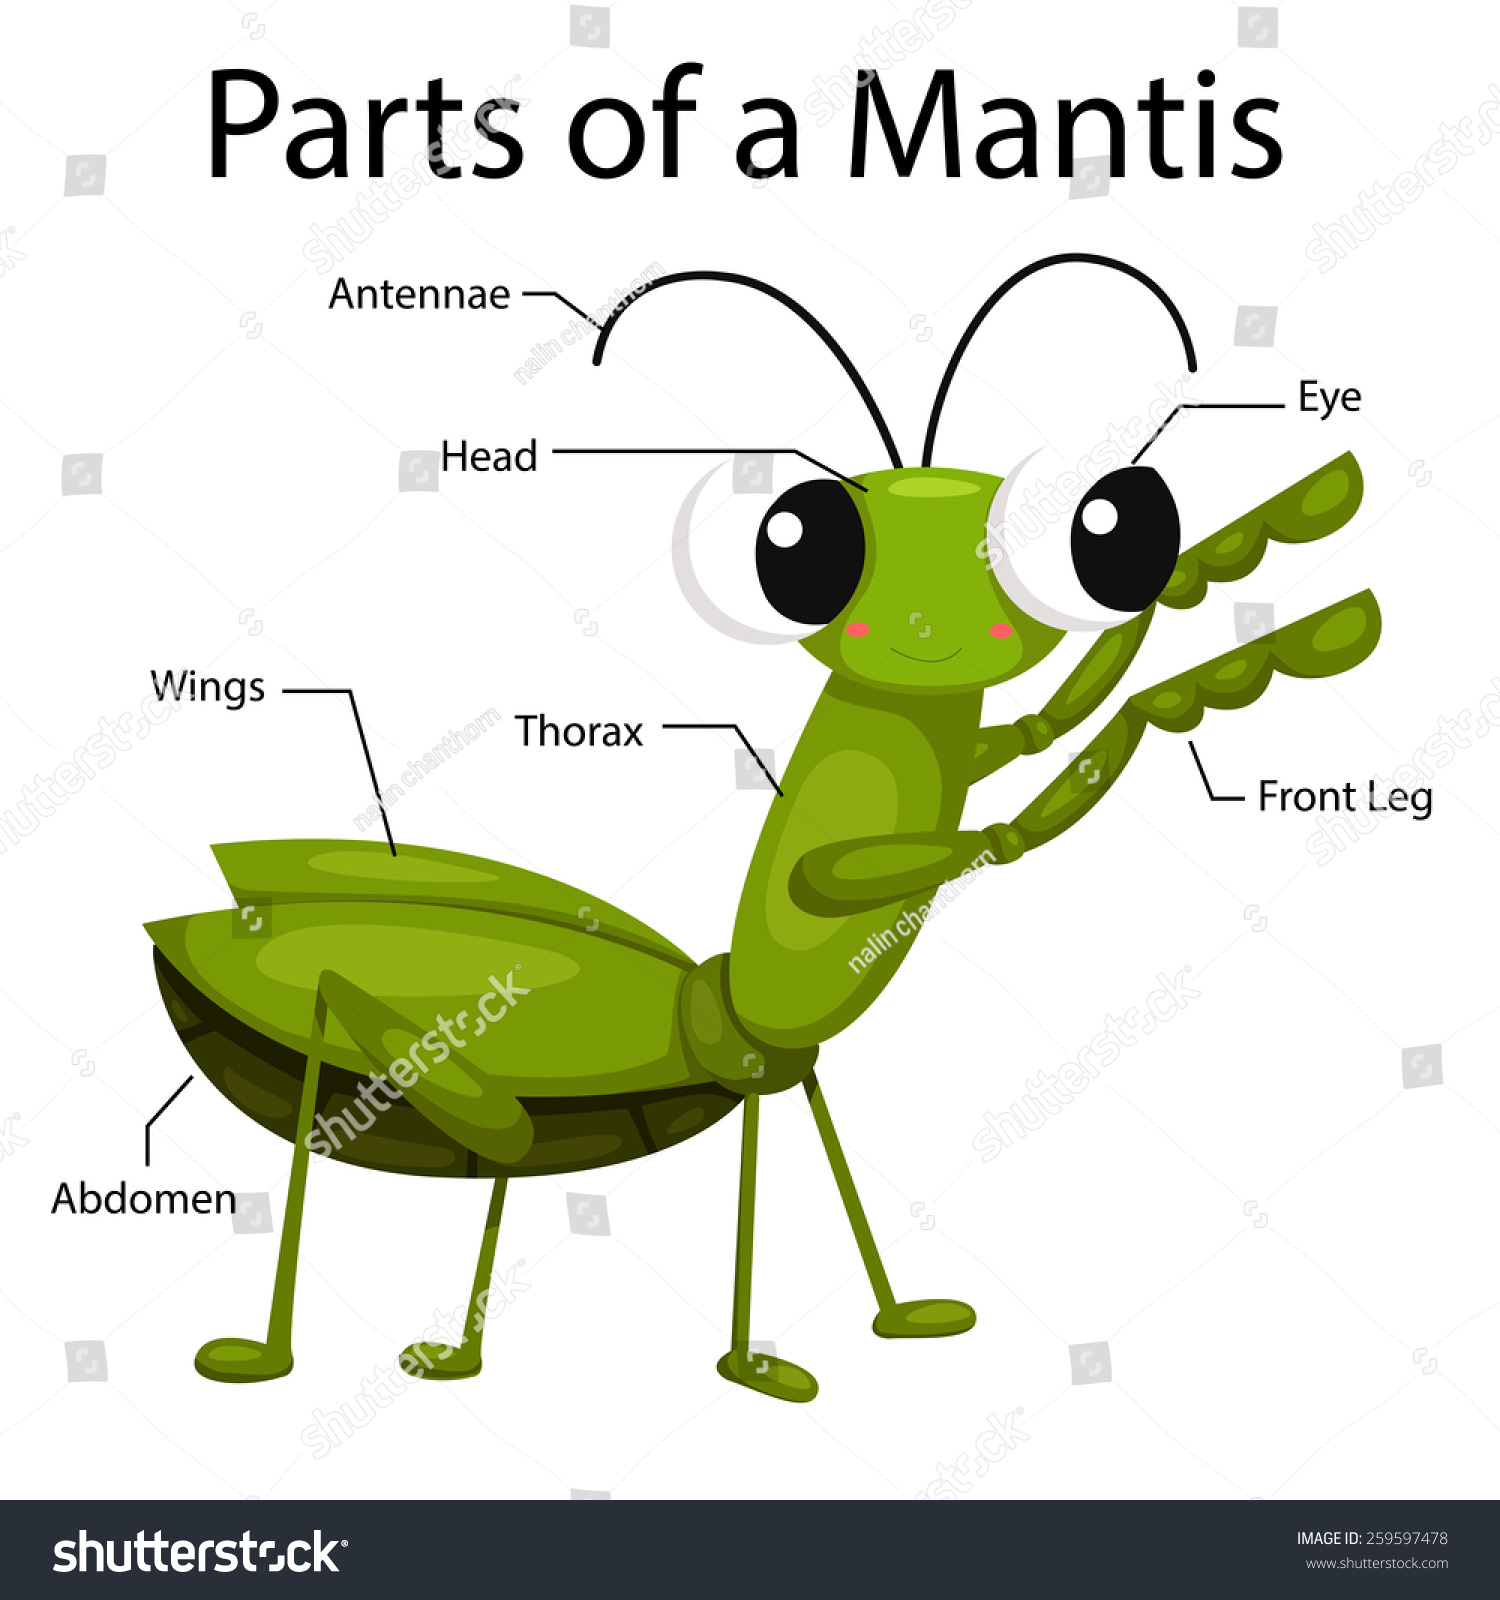 Illustrator Parts Mantis Stock Vector 259597478 - Shutterstock